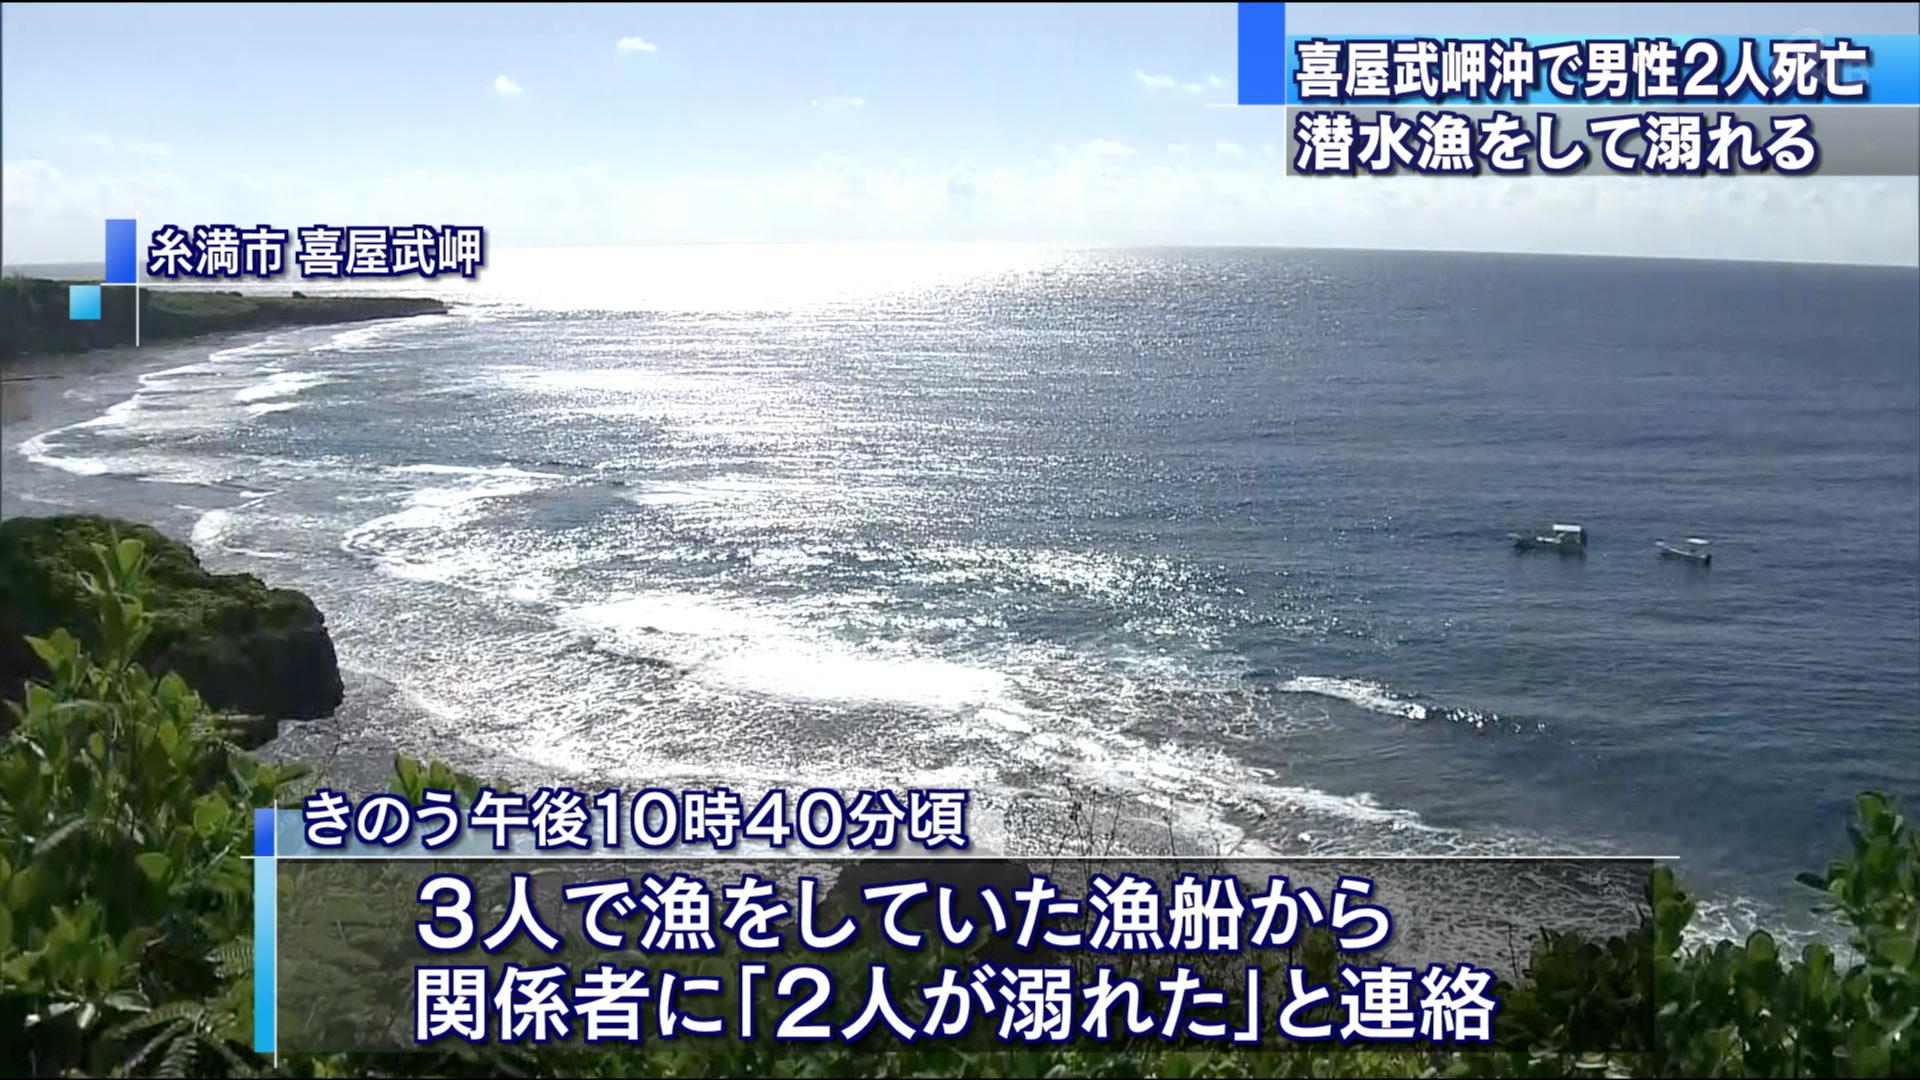 喜屋武沖で漁をしていた2人が溺れて死亡